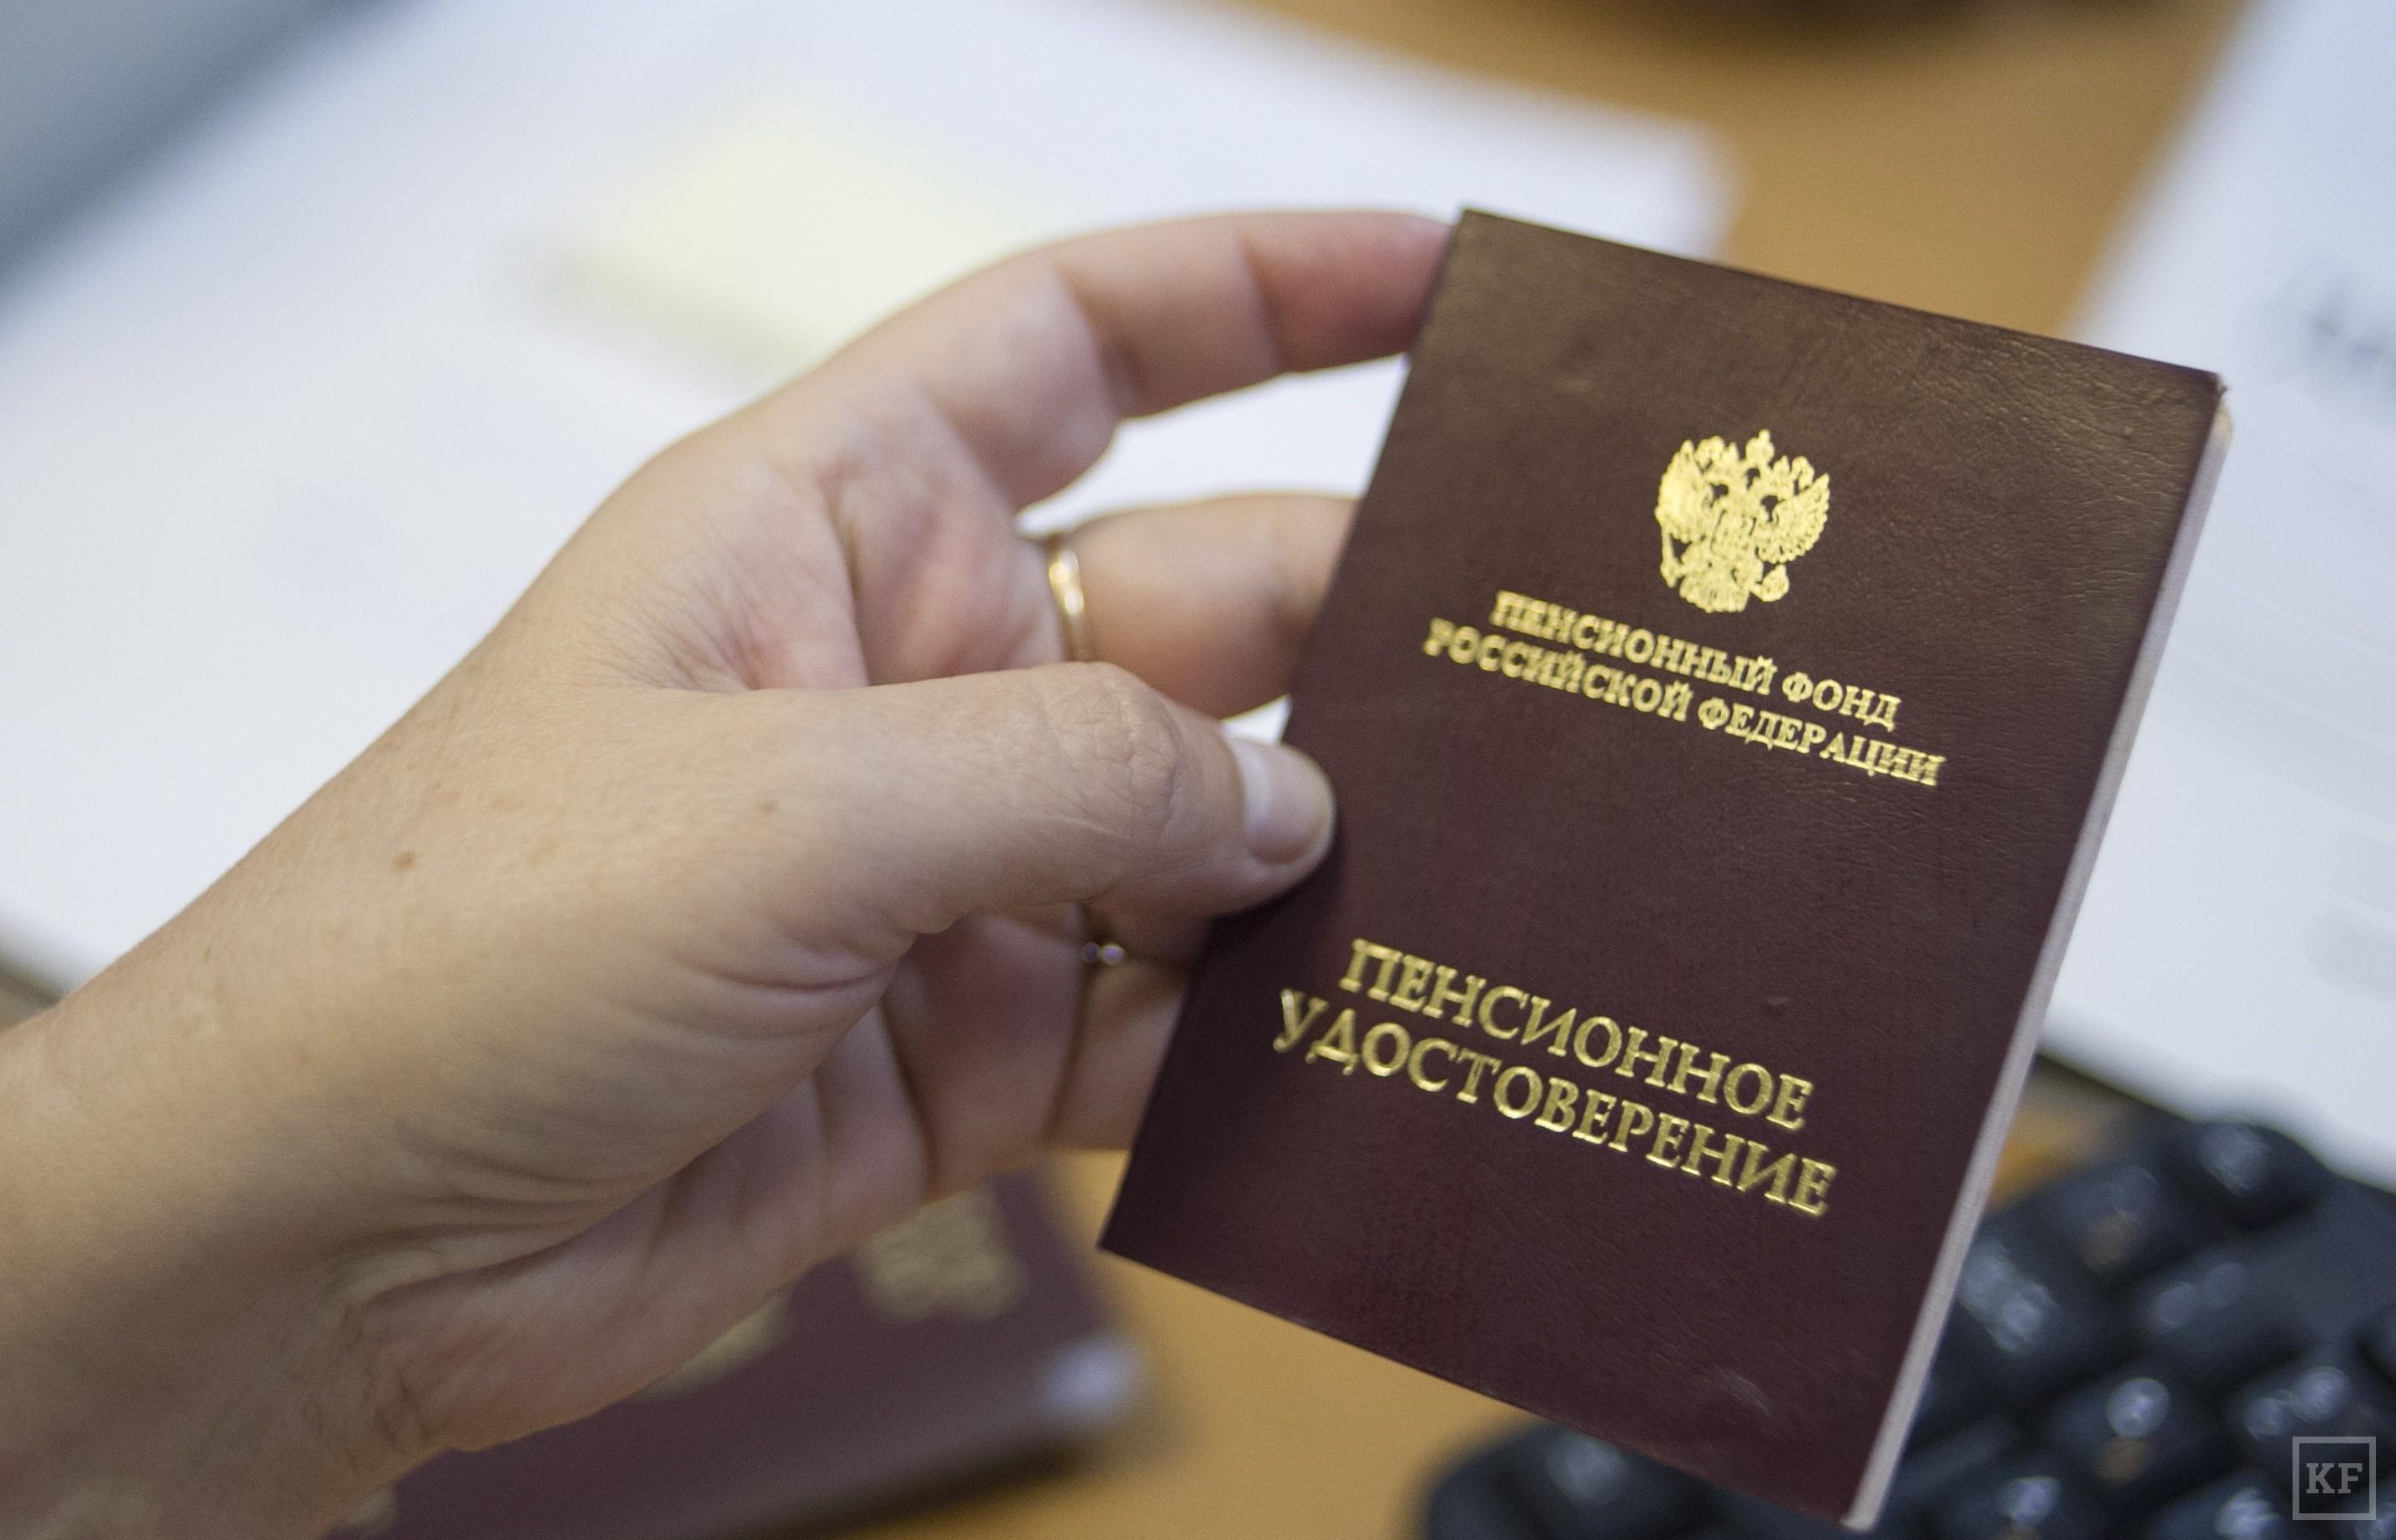 poslednie-novosti-o-pensionnom-vozraste-gossluzhashhih-v-rossii-s-2016-goda